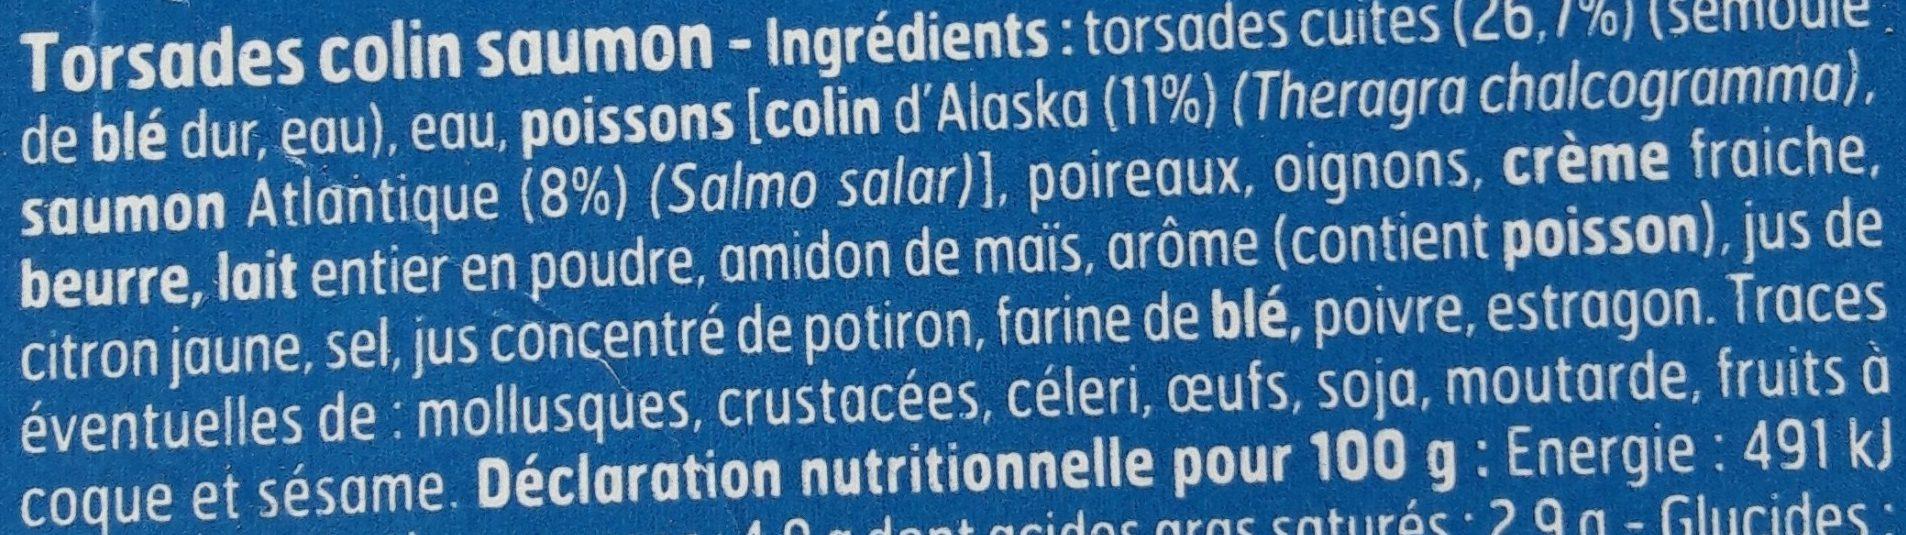 Torsades au Colin et Saumon, Sauce Citronnée - Ingrédients - fr